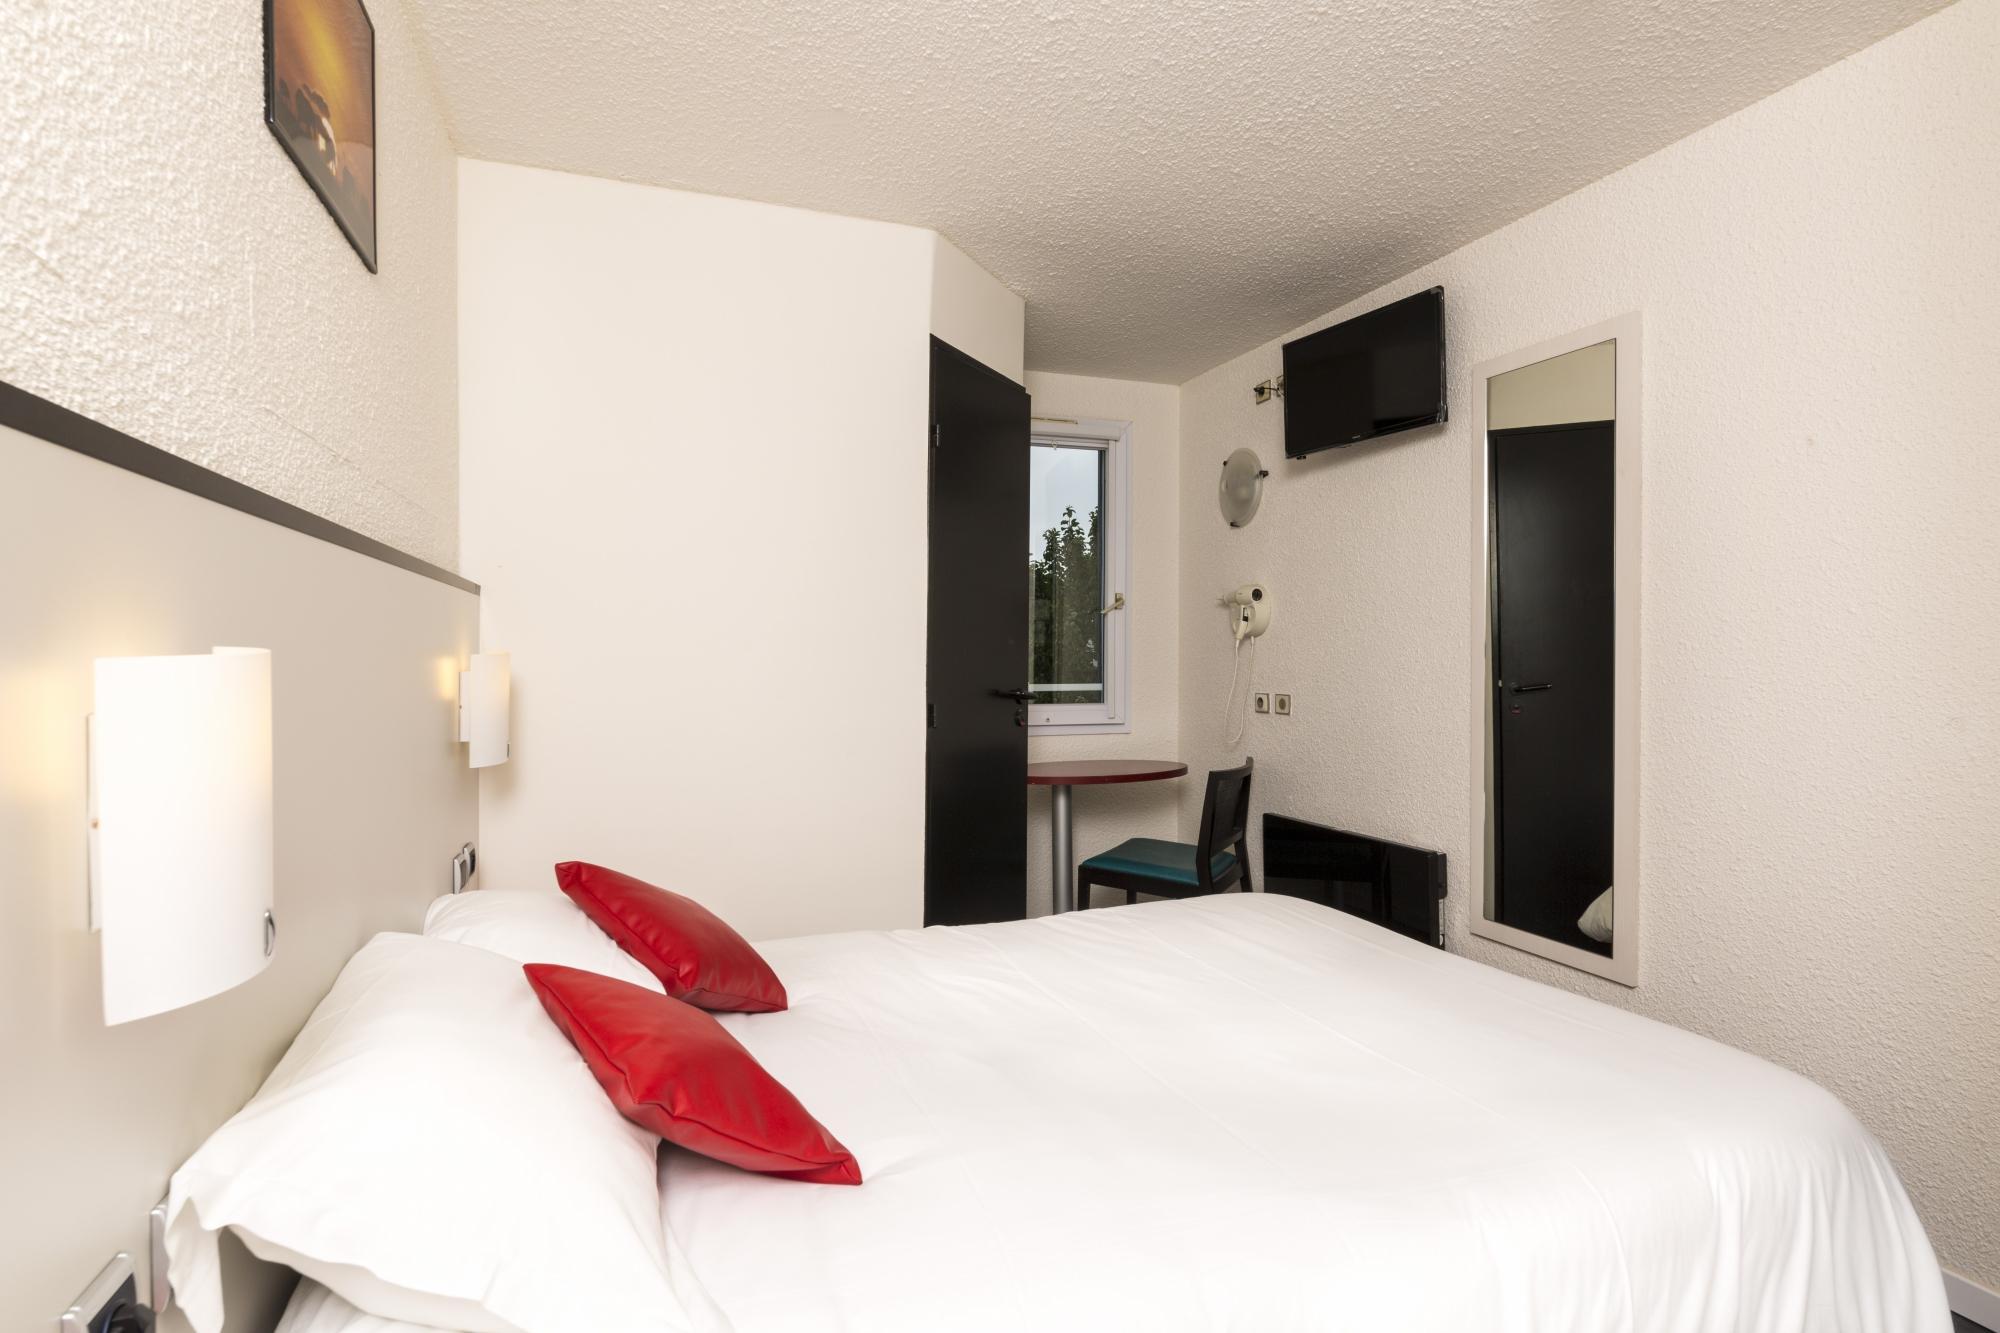 Hotel Balladins St Quentin -Gauchy